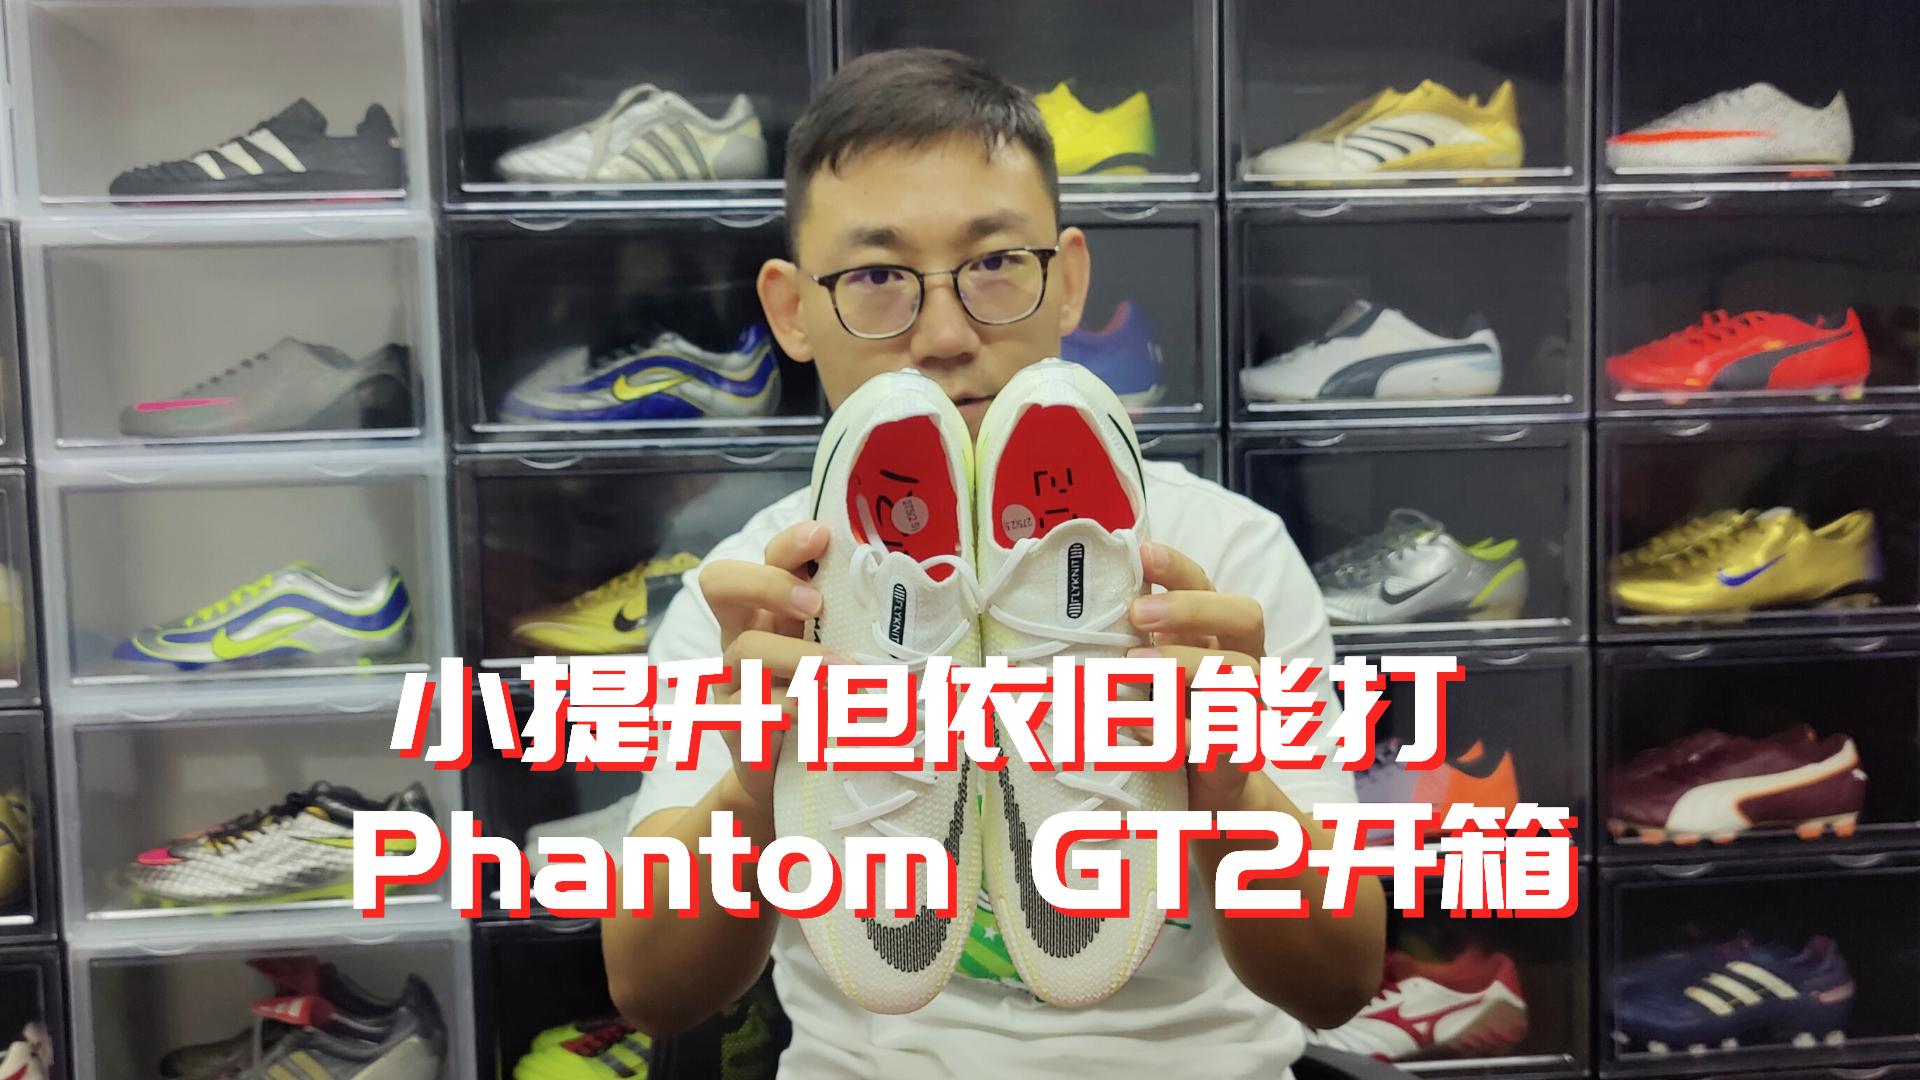 小提升但依旧能打 Phantom GT2开箱